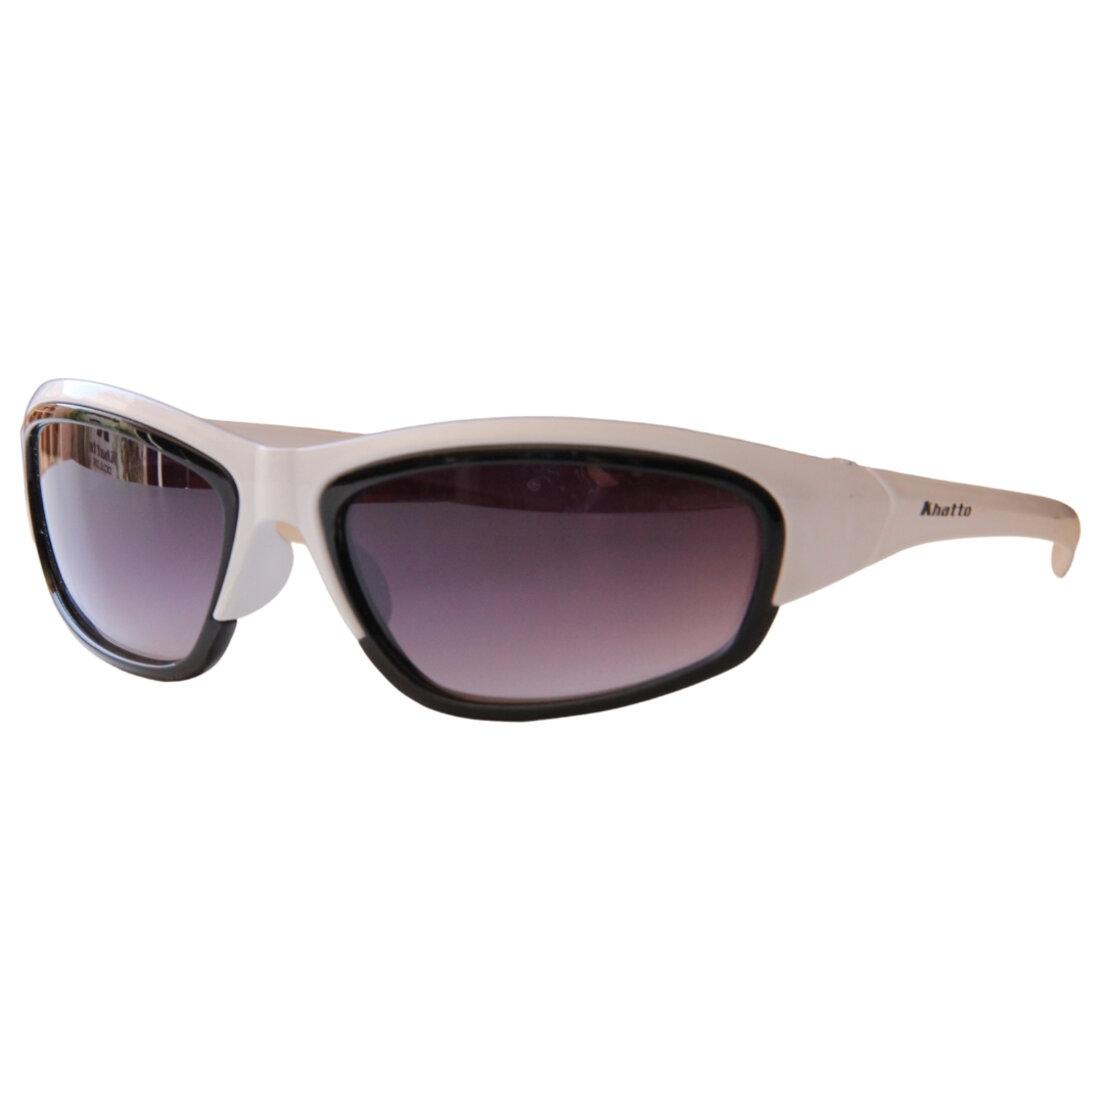 OUTLET - Óculos de Sol Khatto Esportivo Surf